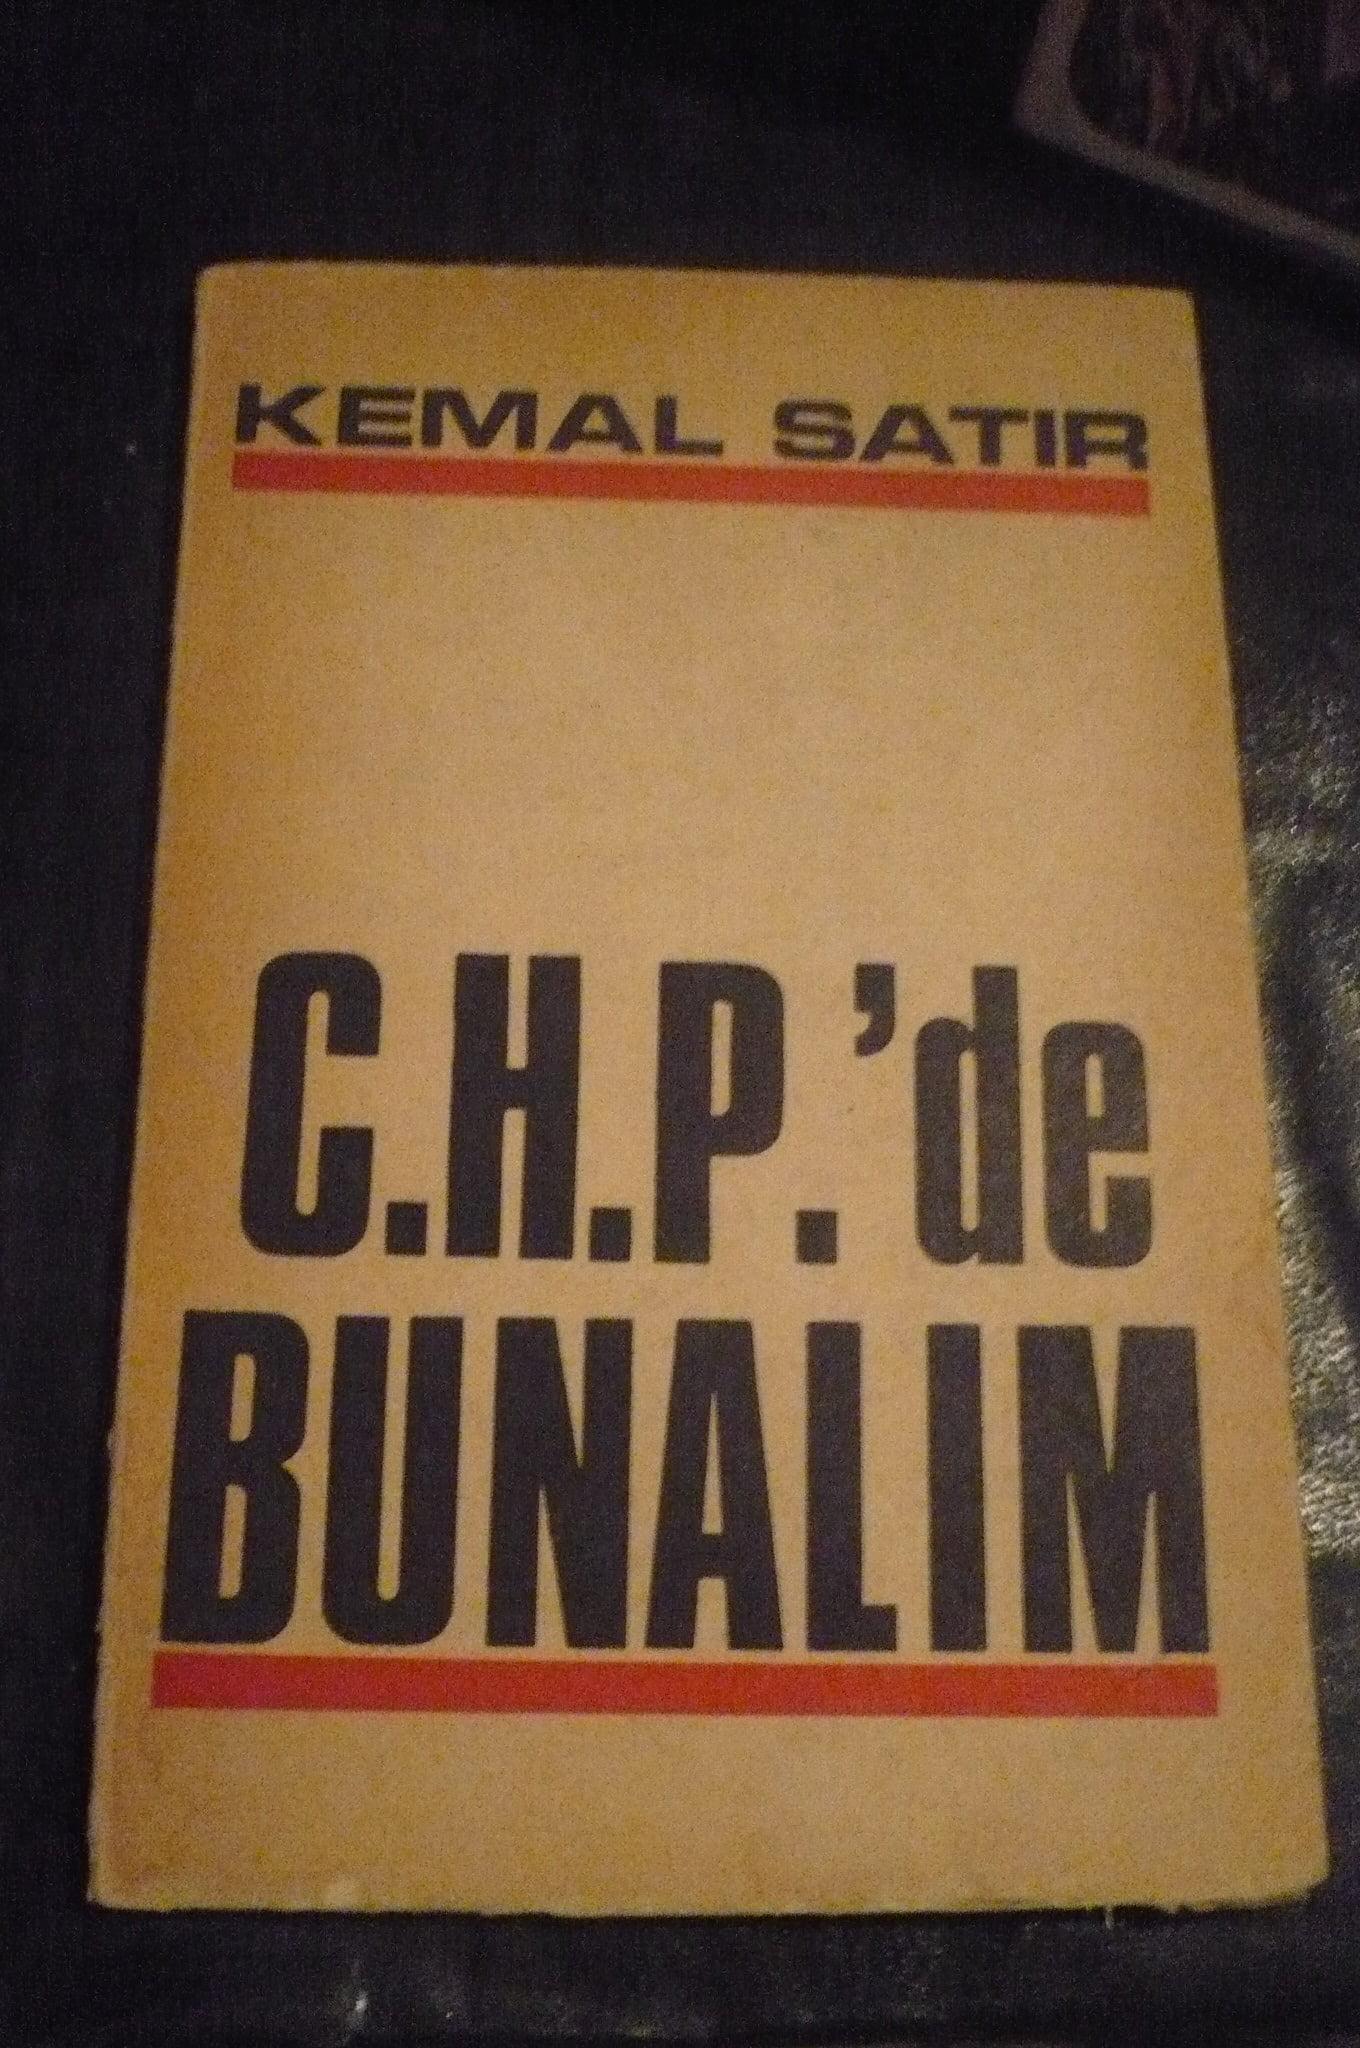 C.H.P'de BUNALIM/Kemal SATIR/ 20 TL